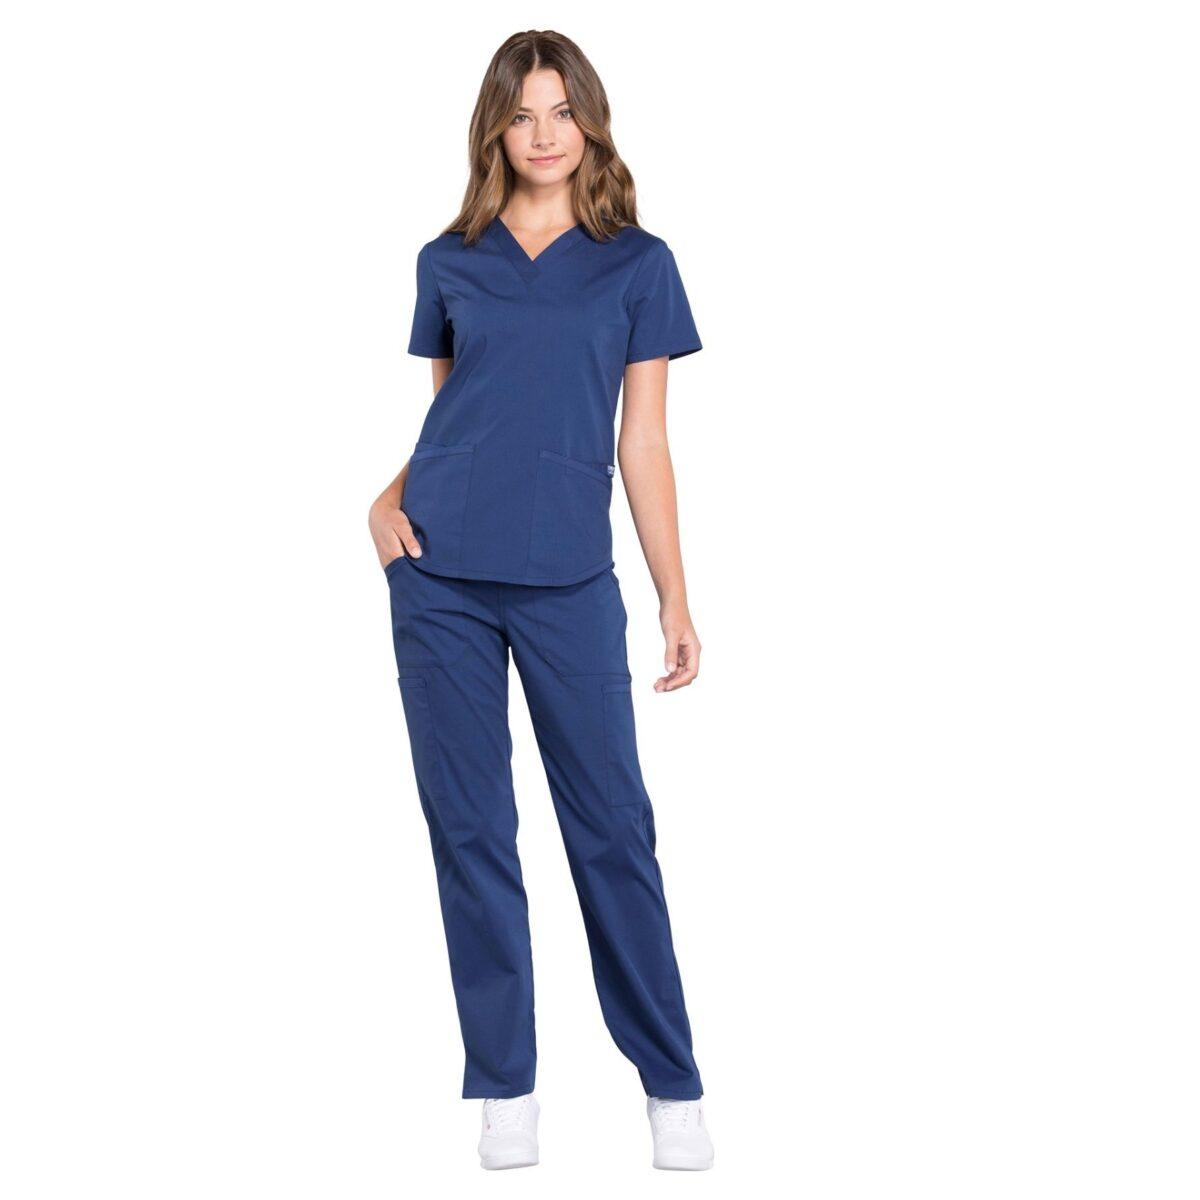 Женский медицинский костюм Professionals цвет синий